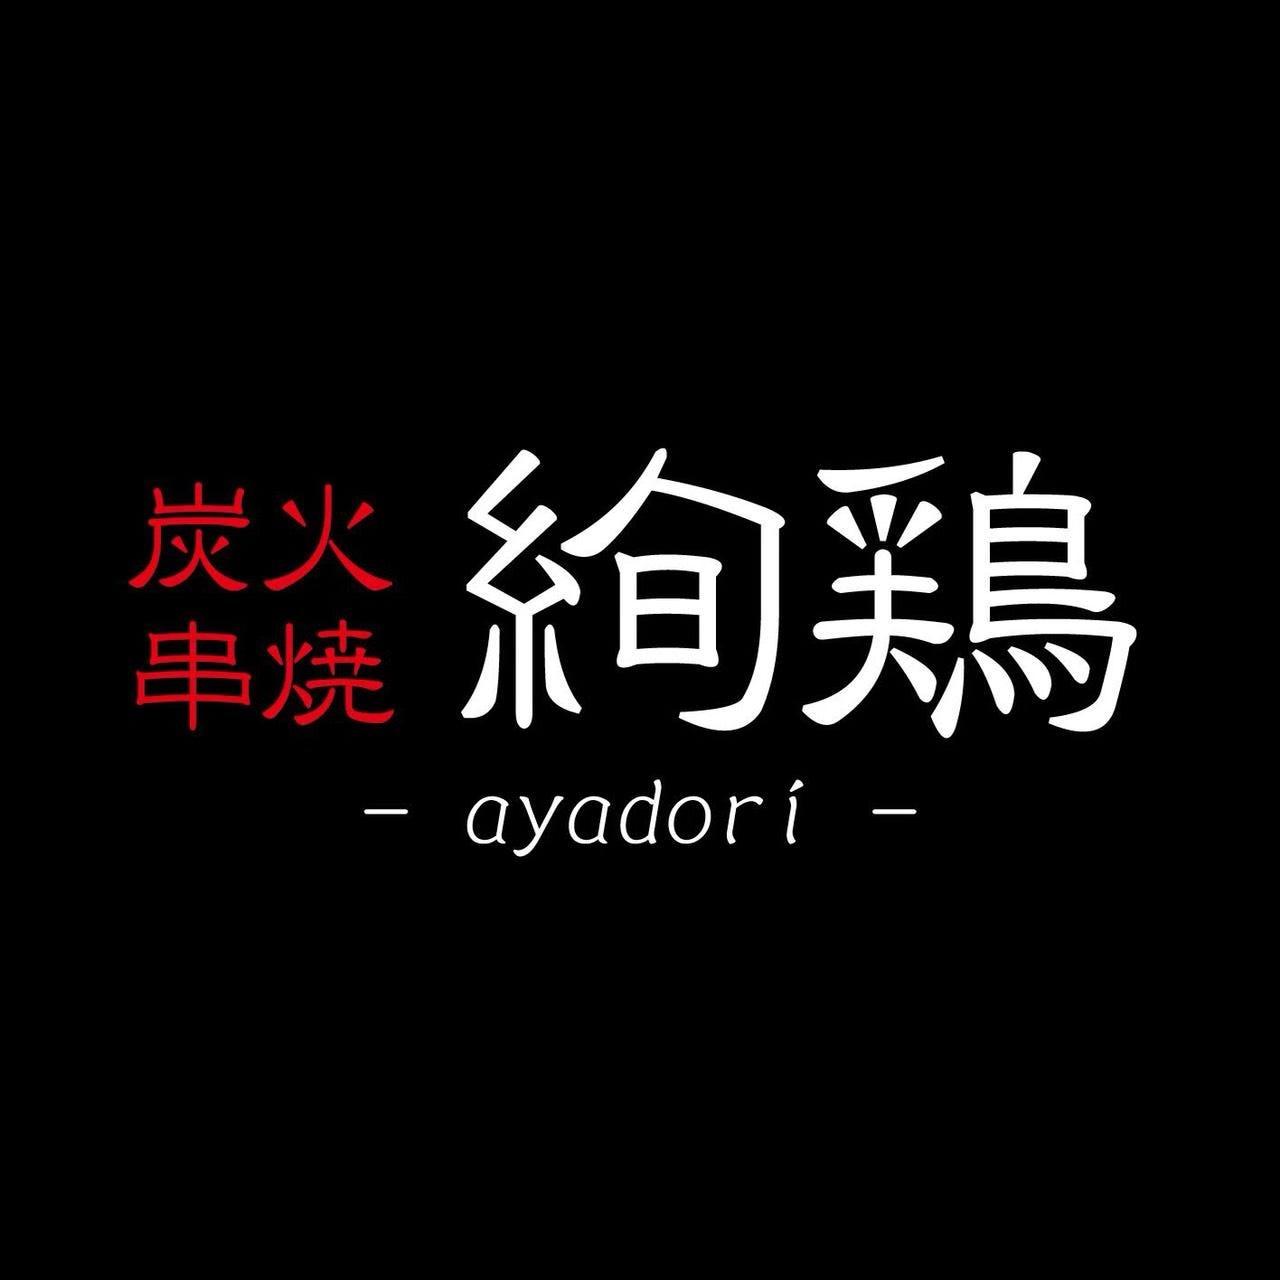 お得な宴会コースが登場!!